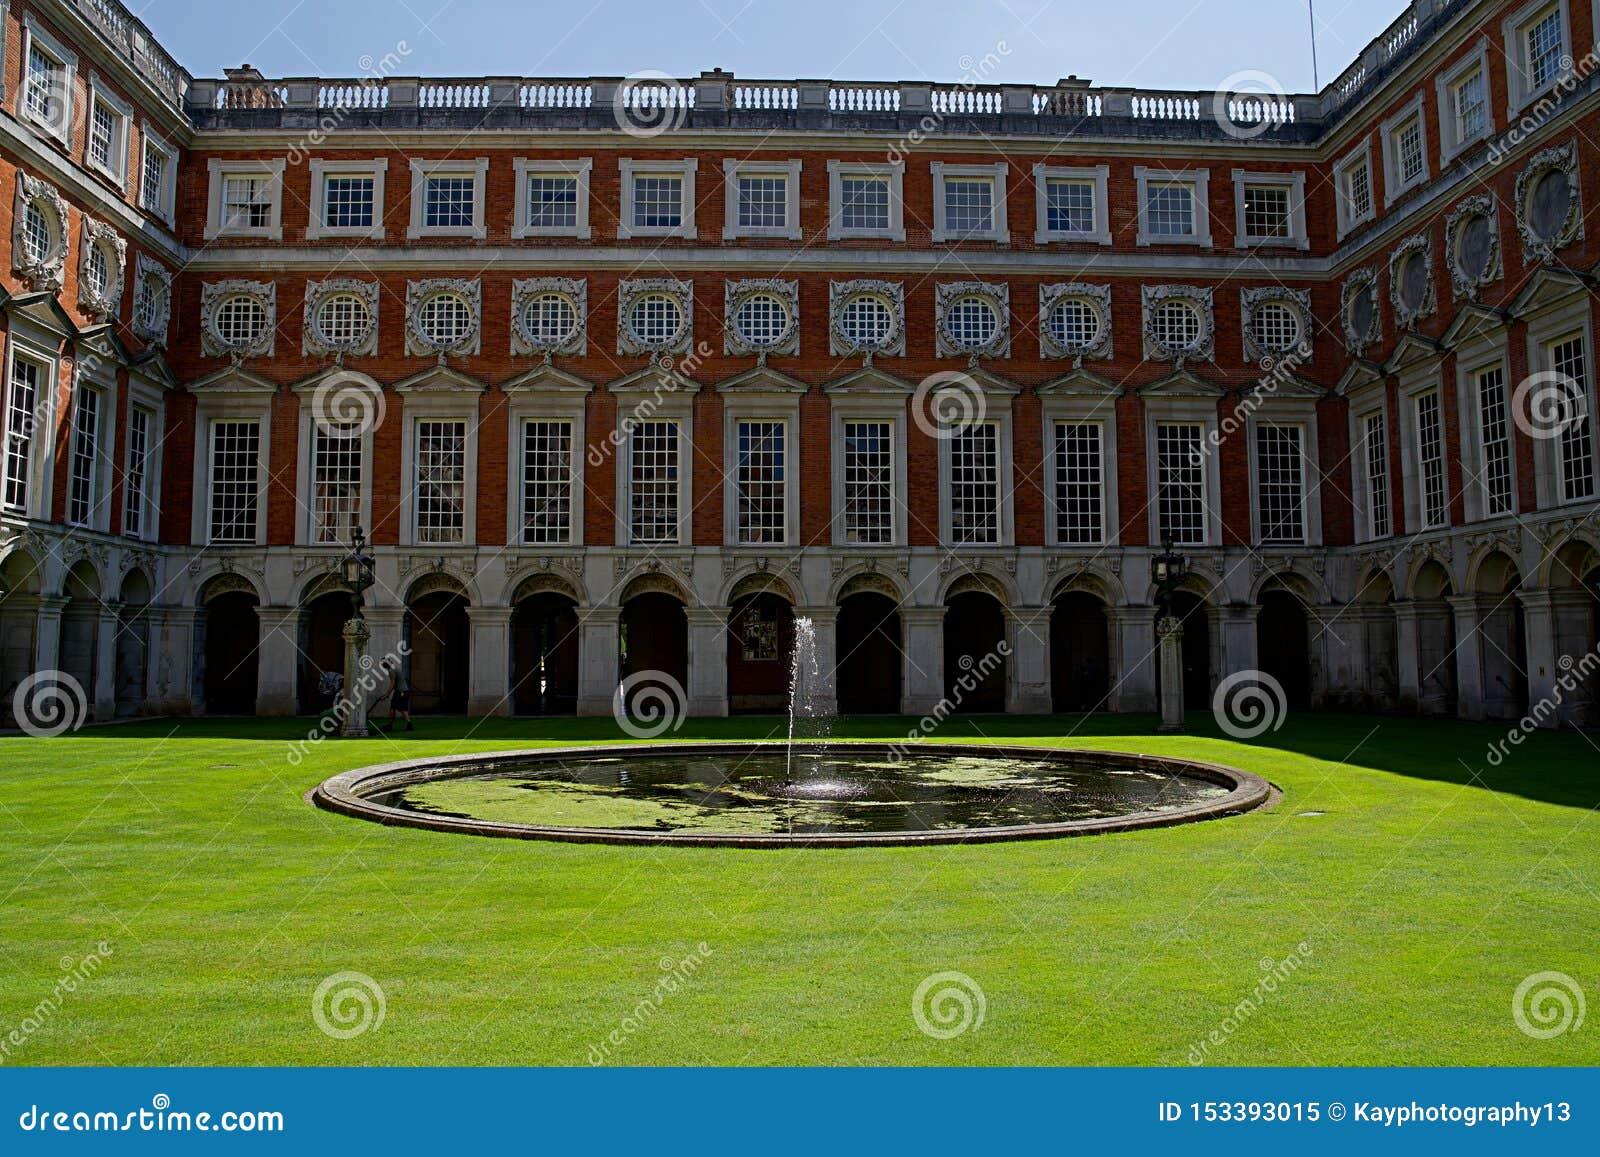 Лондон, Англия, 16-ое июля 2019: Взгляд двора дворца Хэмптон Корта с голубым небом